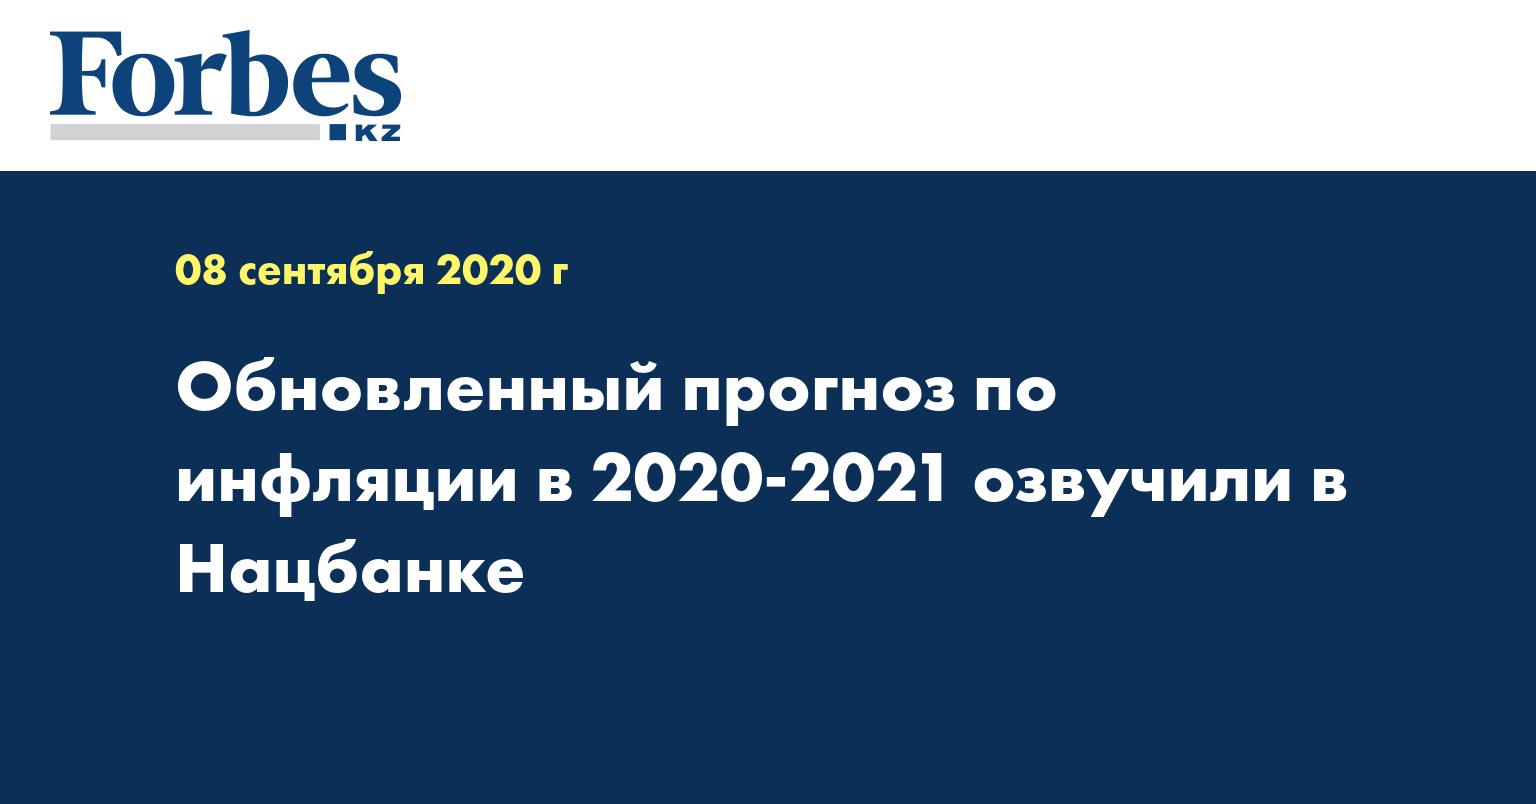 Обновленный прогноз по инфляции в 2020-2021 озвучили в Нацбанке